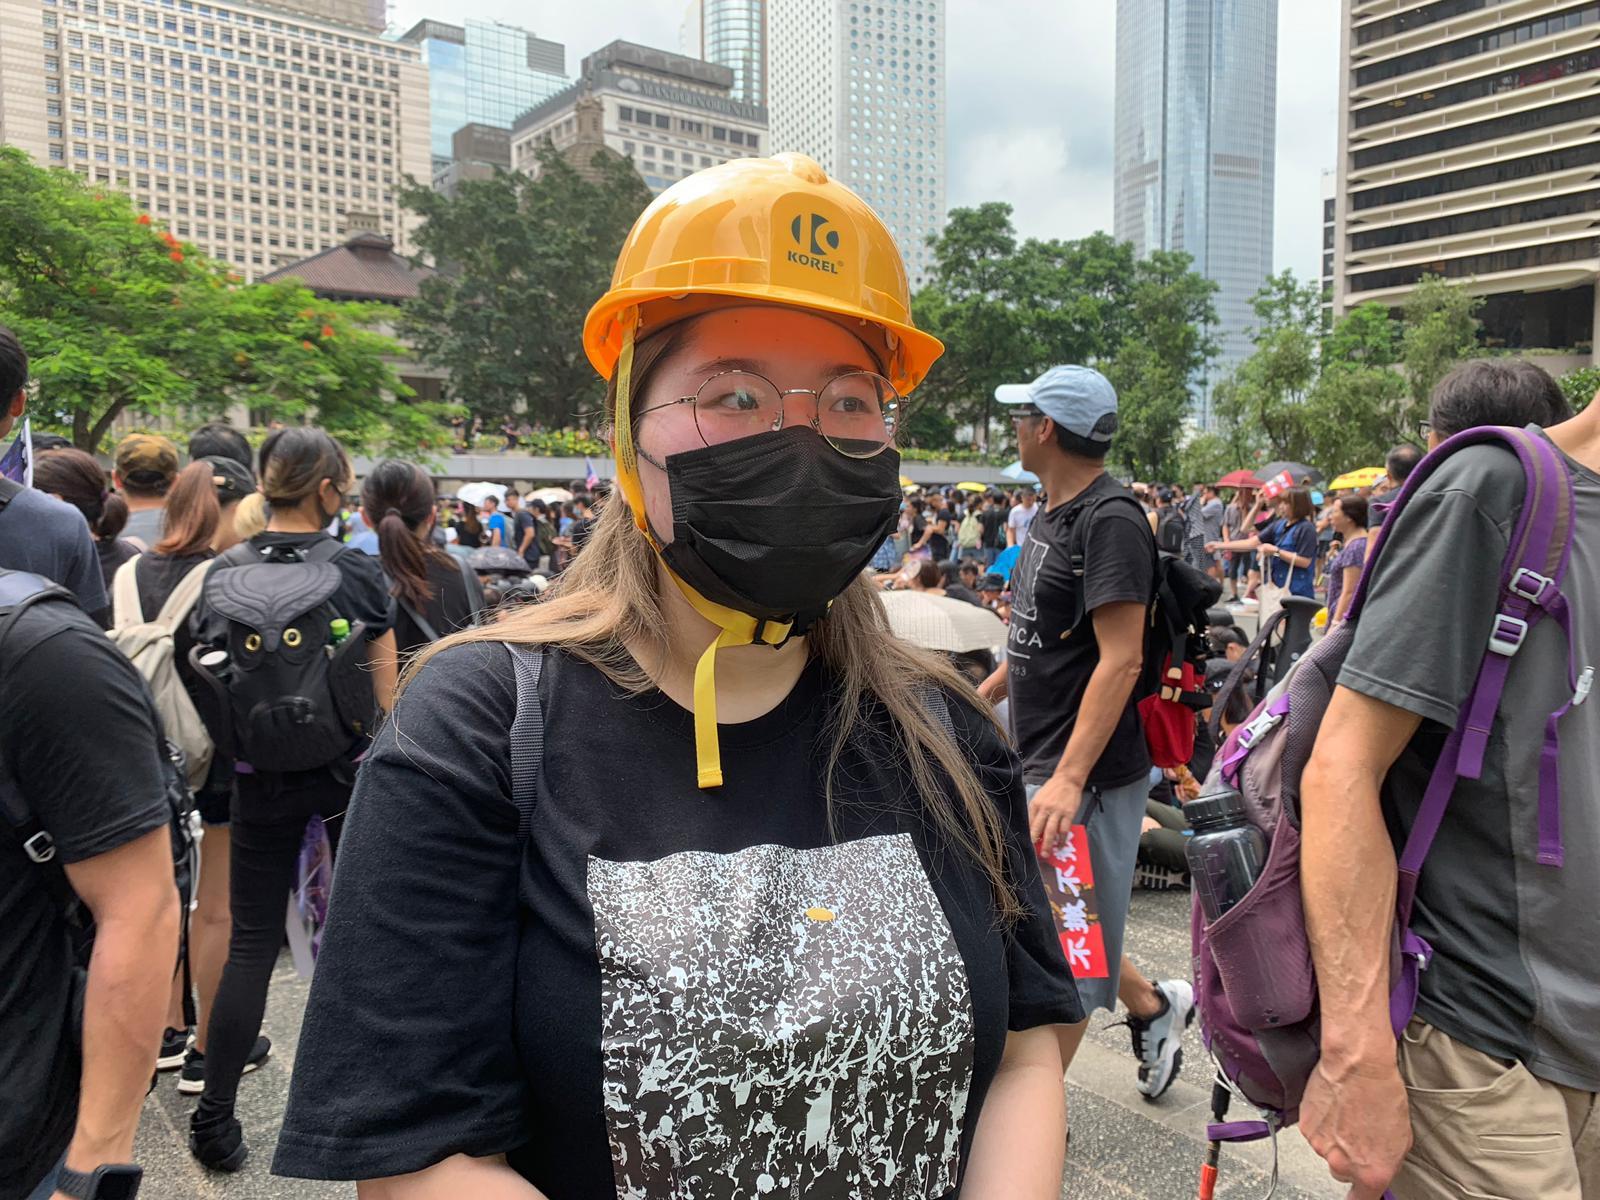 7月28日下午遮打花園反送中集會,香港學生談一路走來心路歷程。(駱亞/大紀元)